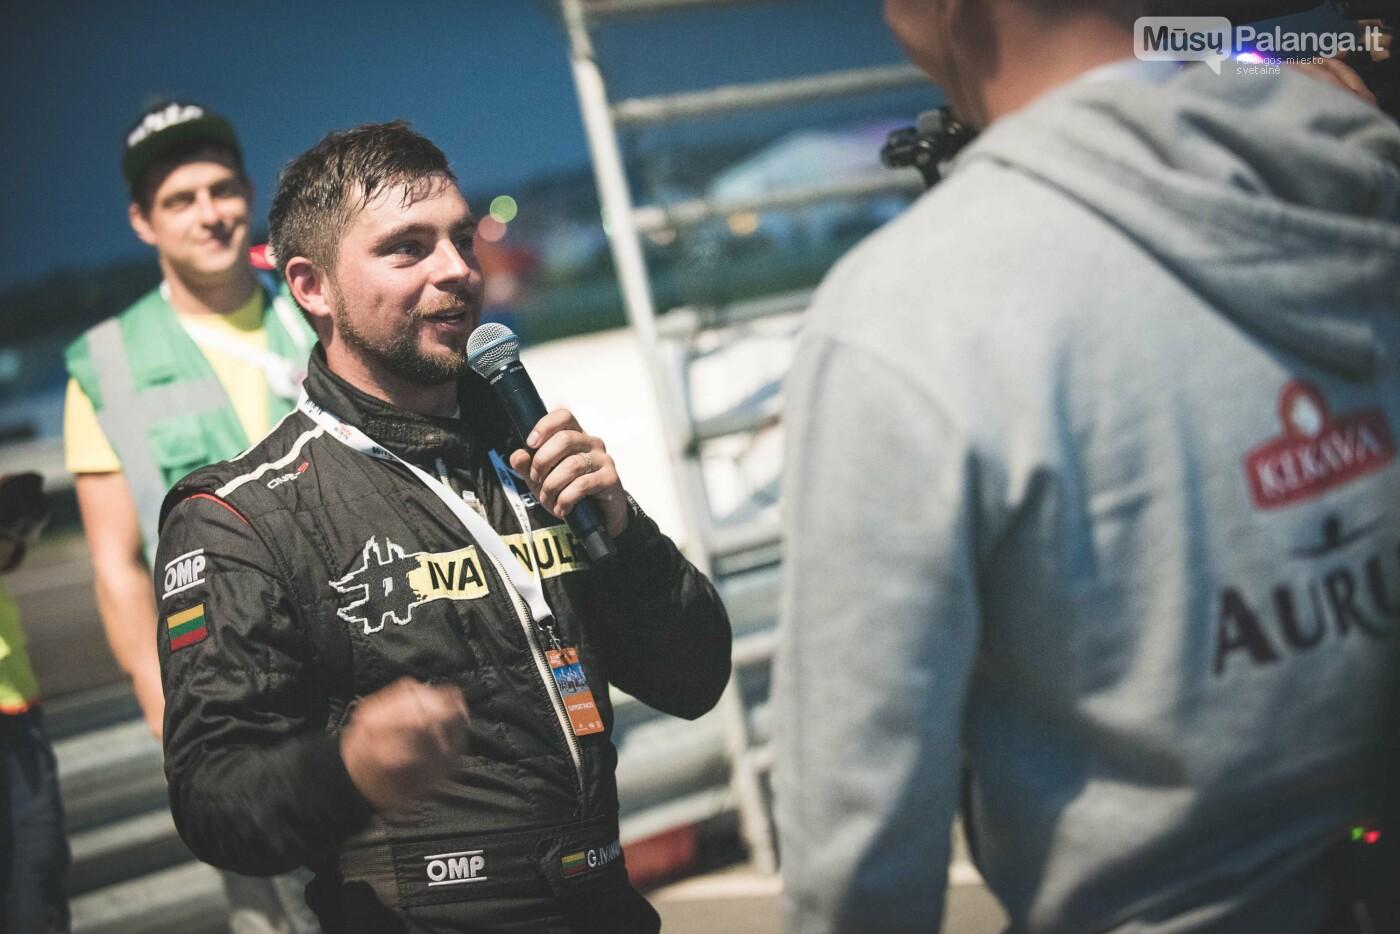 Dviejų dienų drifto batalijas vainikavo nugalėtojų pakyla, nuotrauka-18, Vytauto PILKAUSKO ir Arno STRUMILOS nuotr.